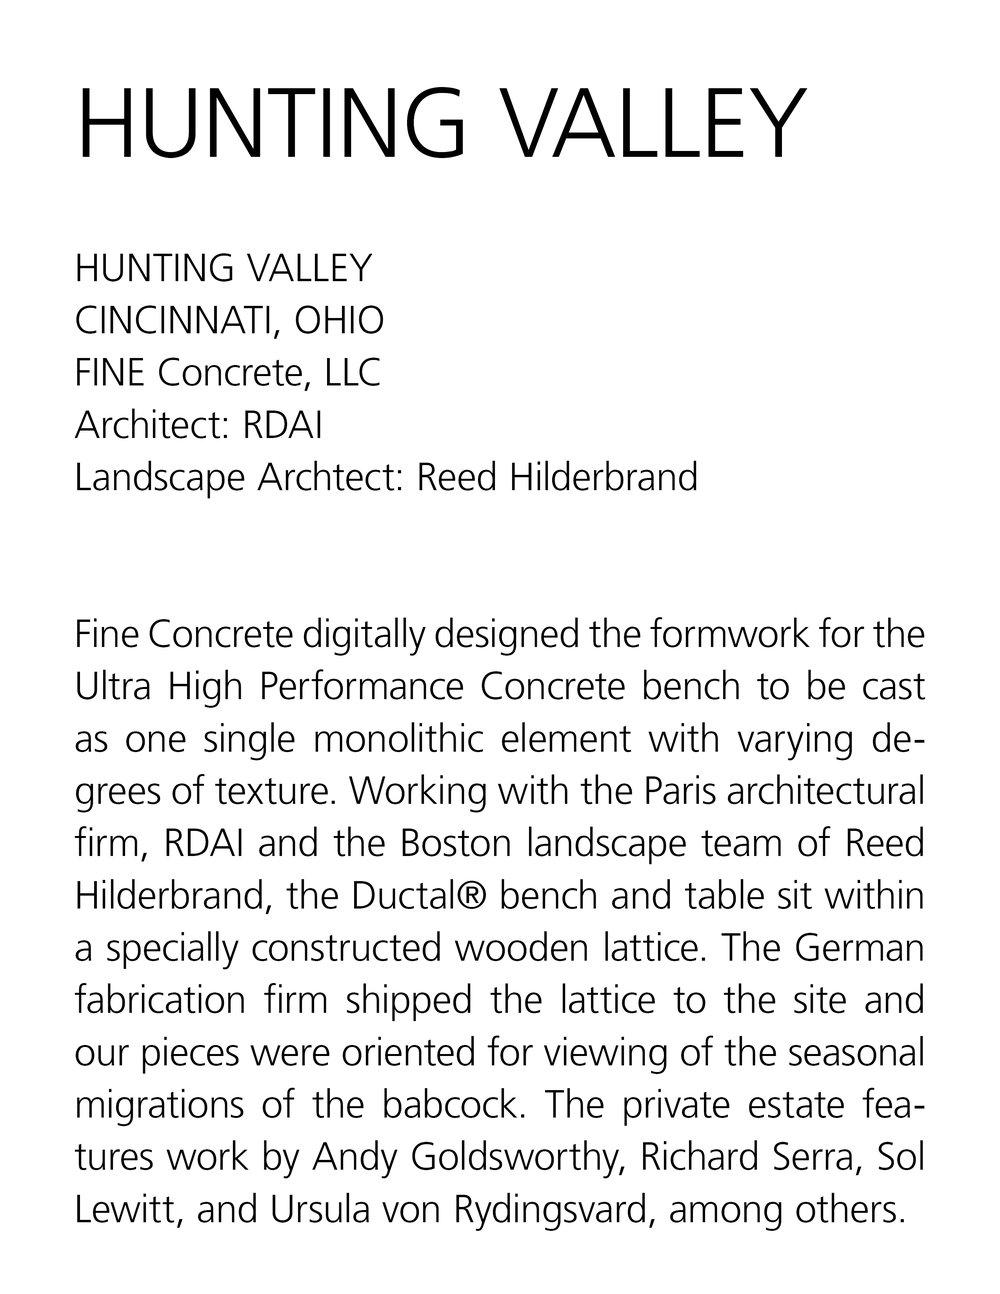 hunting valley description.jpg